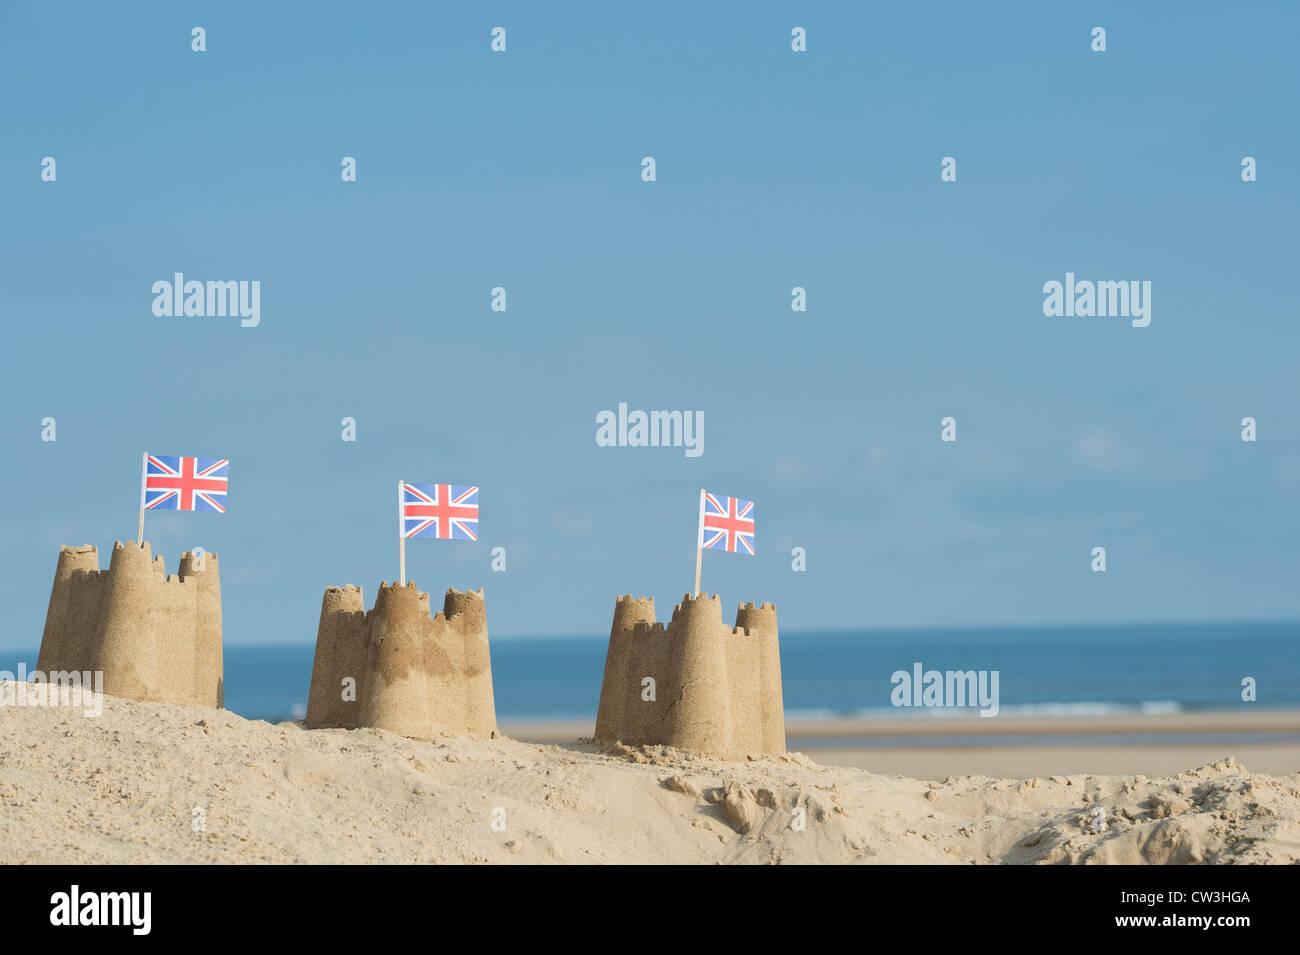 Union Jack-Flaggen in Sandburgen auf einer Sanddüne. Brunnen neben das Meer. Norfolk, England Stockbild